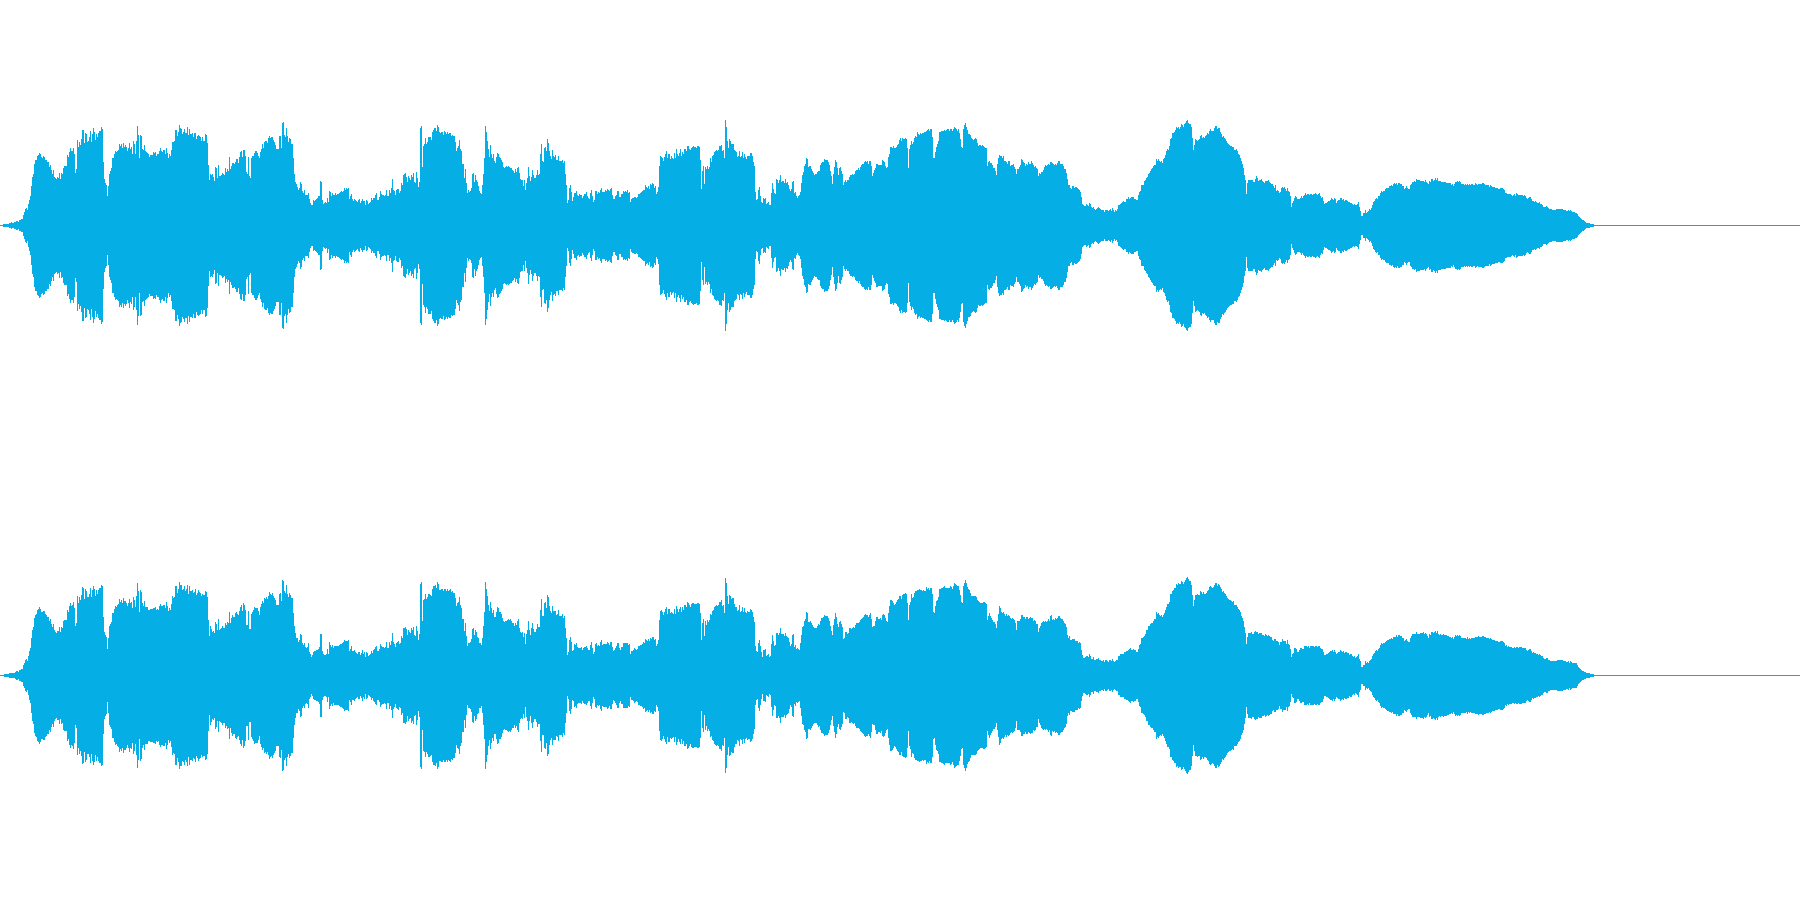 フルート:スニーキーウォーブルズア...の再生済みの波形